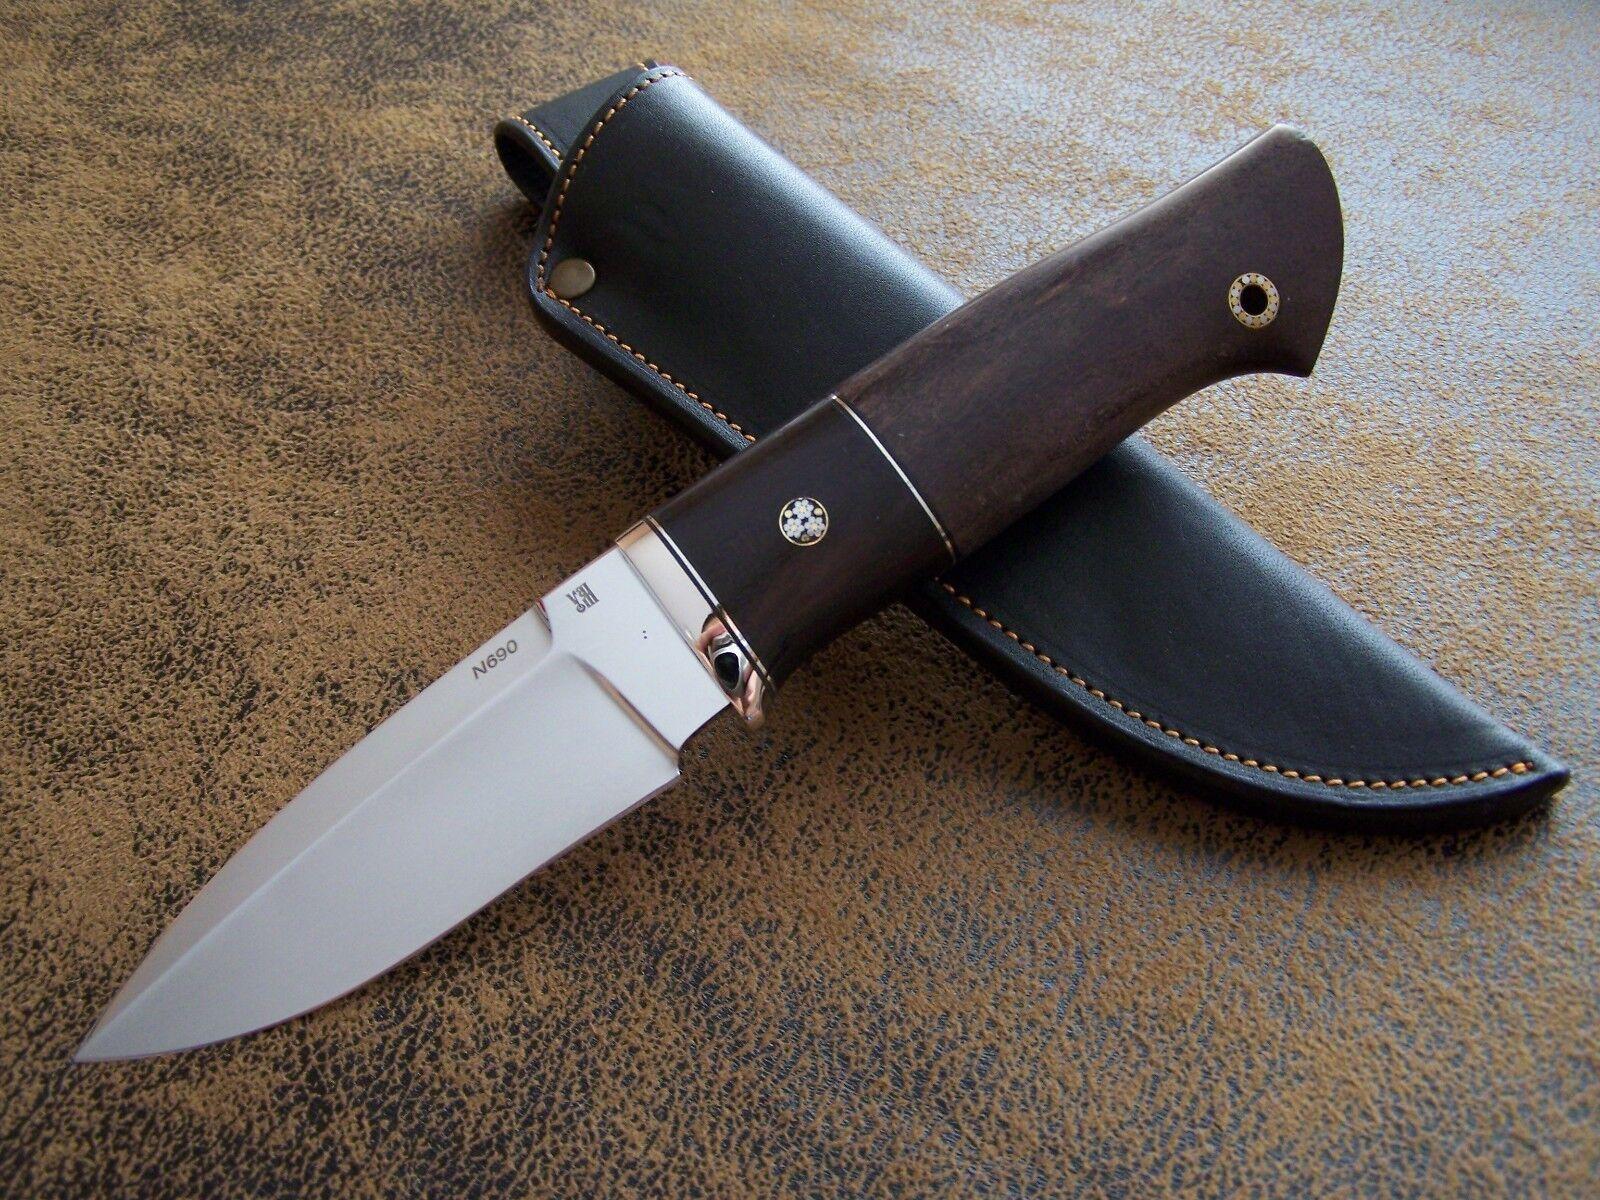 D.Uldanov Exklusives Custom Messer Outdoor / Jagdmesser Stahl N690 Böhler Stahl Jagdmesser 61-HRC b565b8